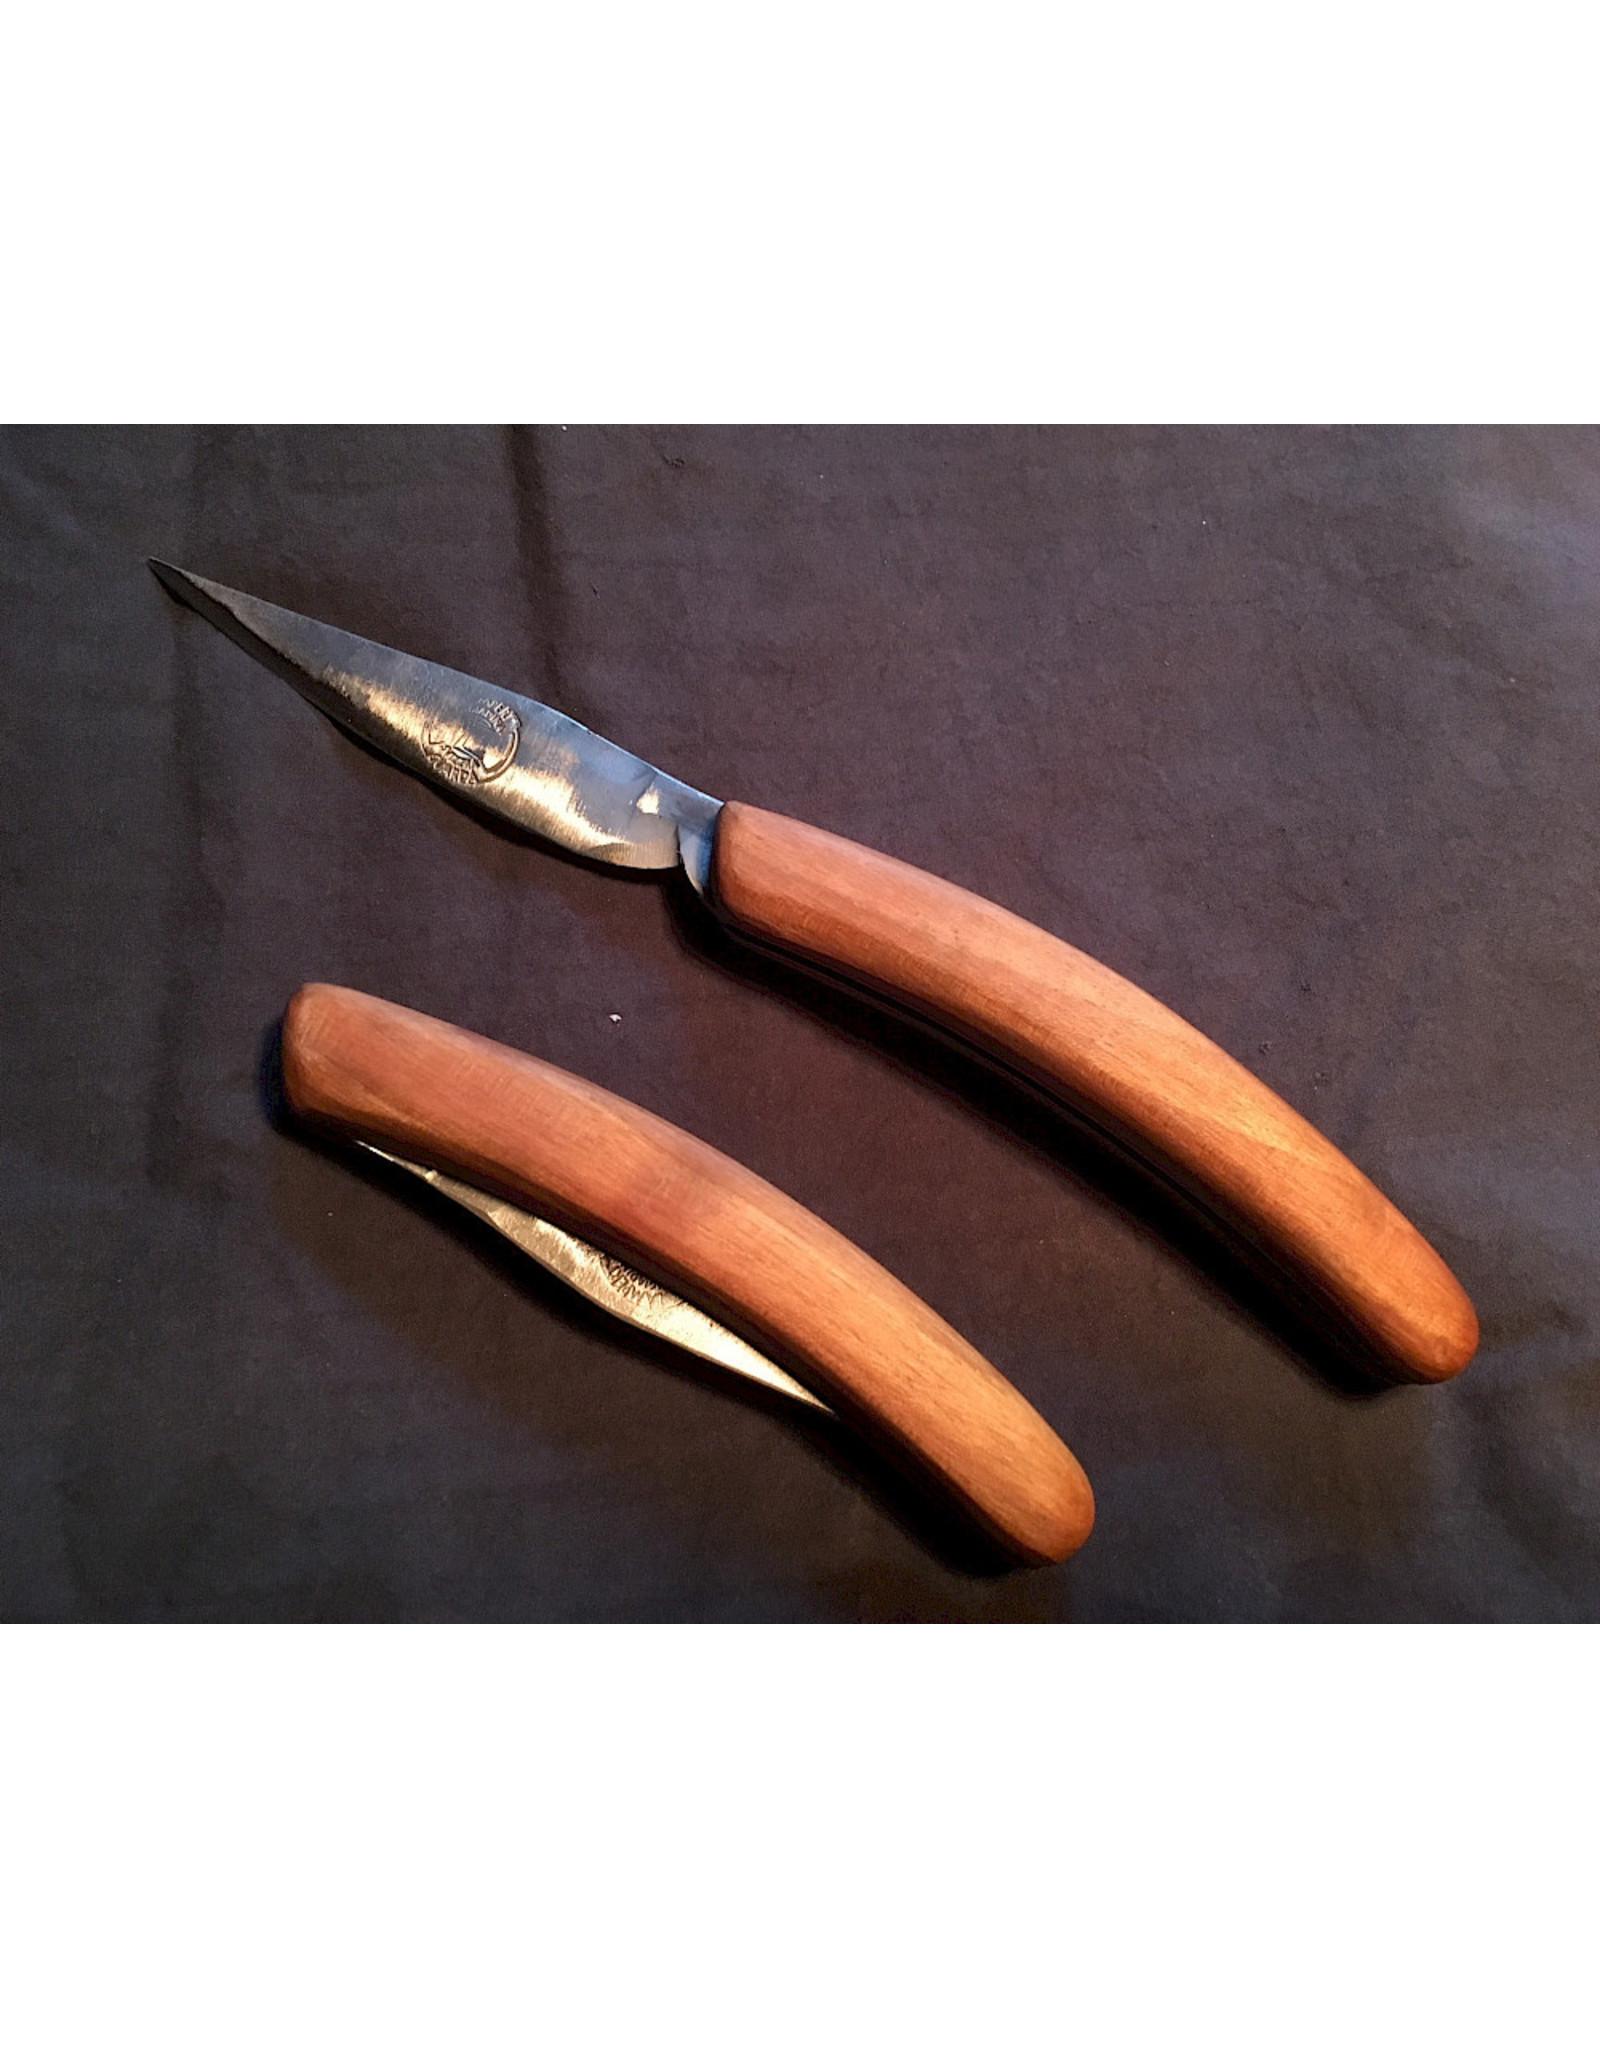 Fuschina da Guarda Steakklappmesser Stahl / Holz von Hand geschmiedet